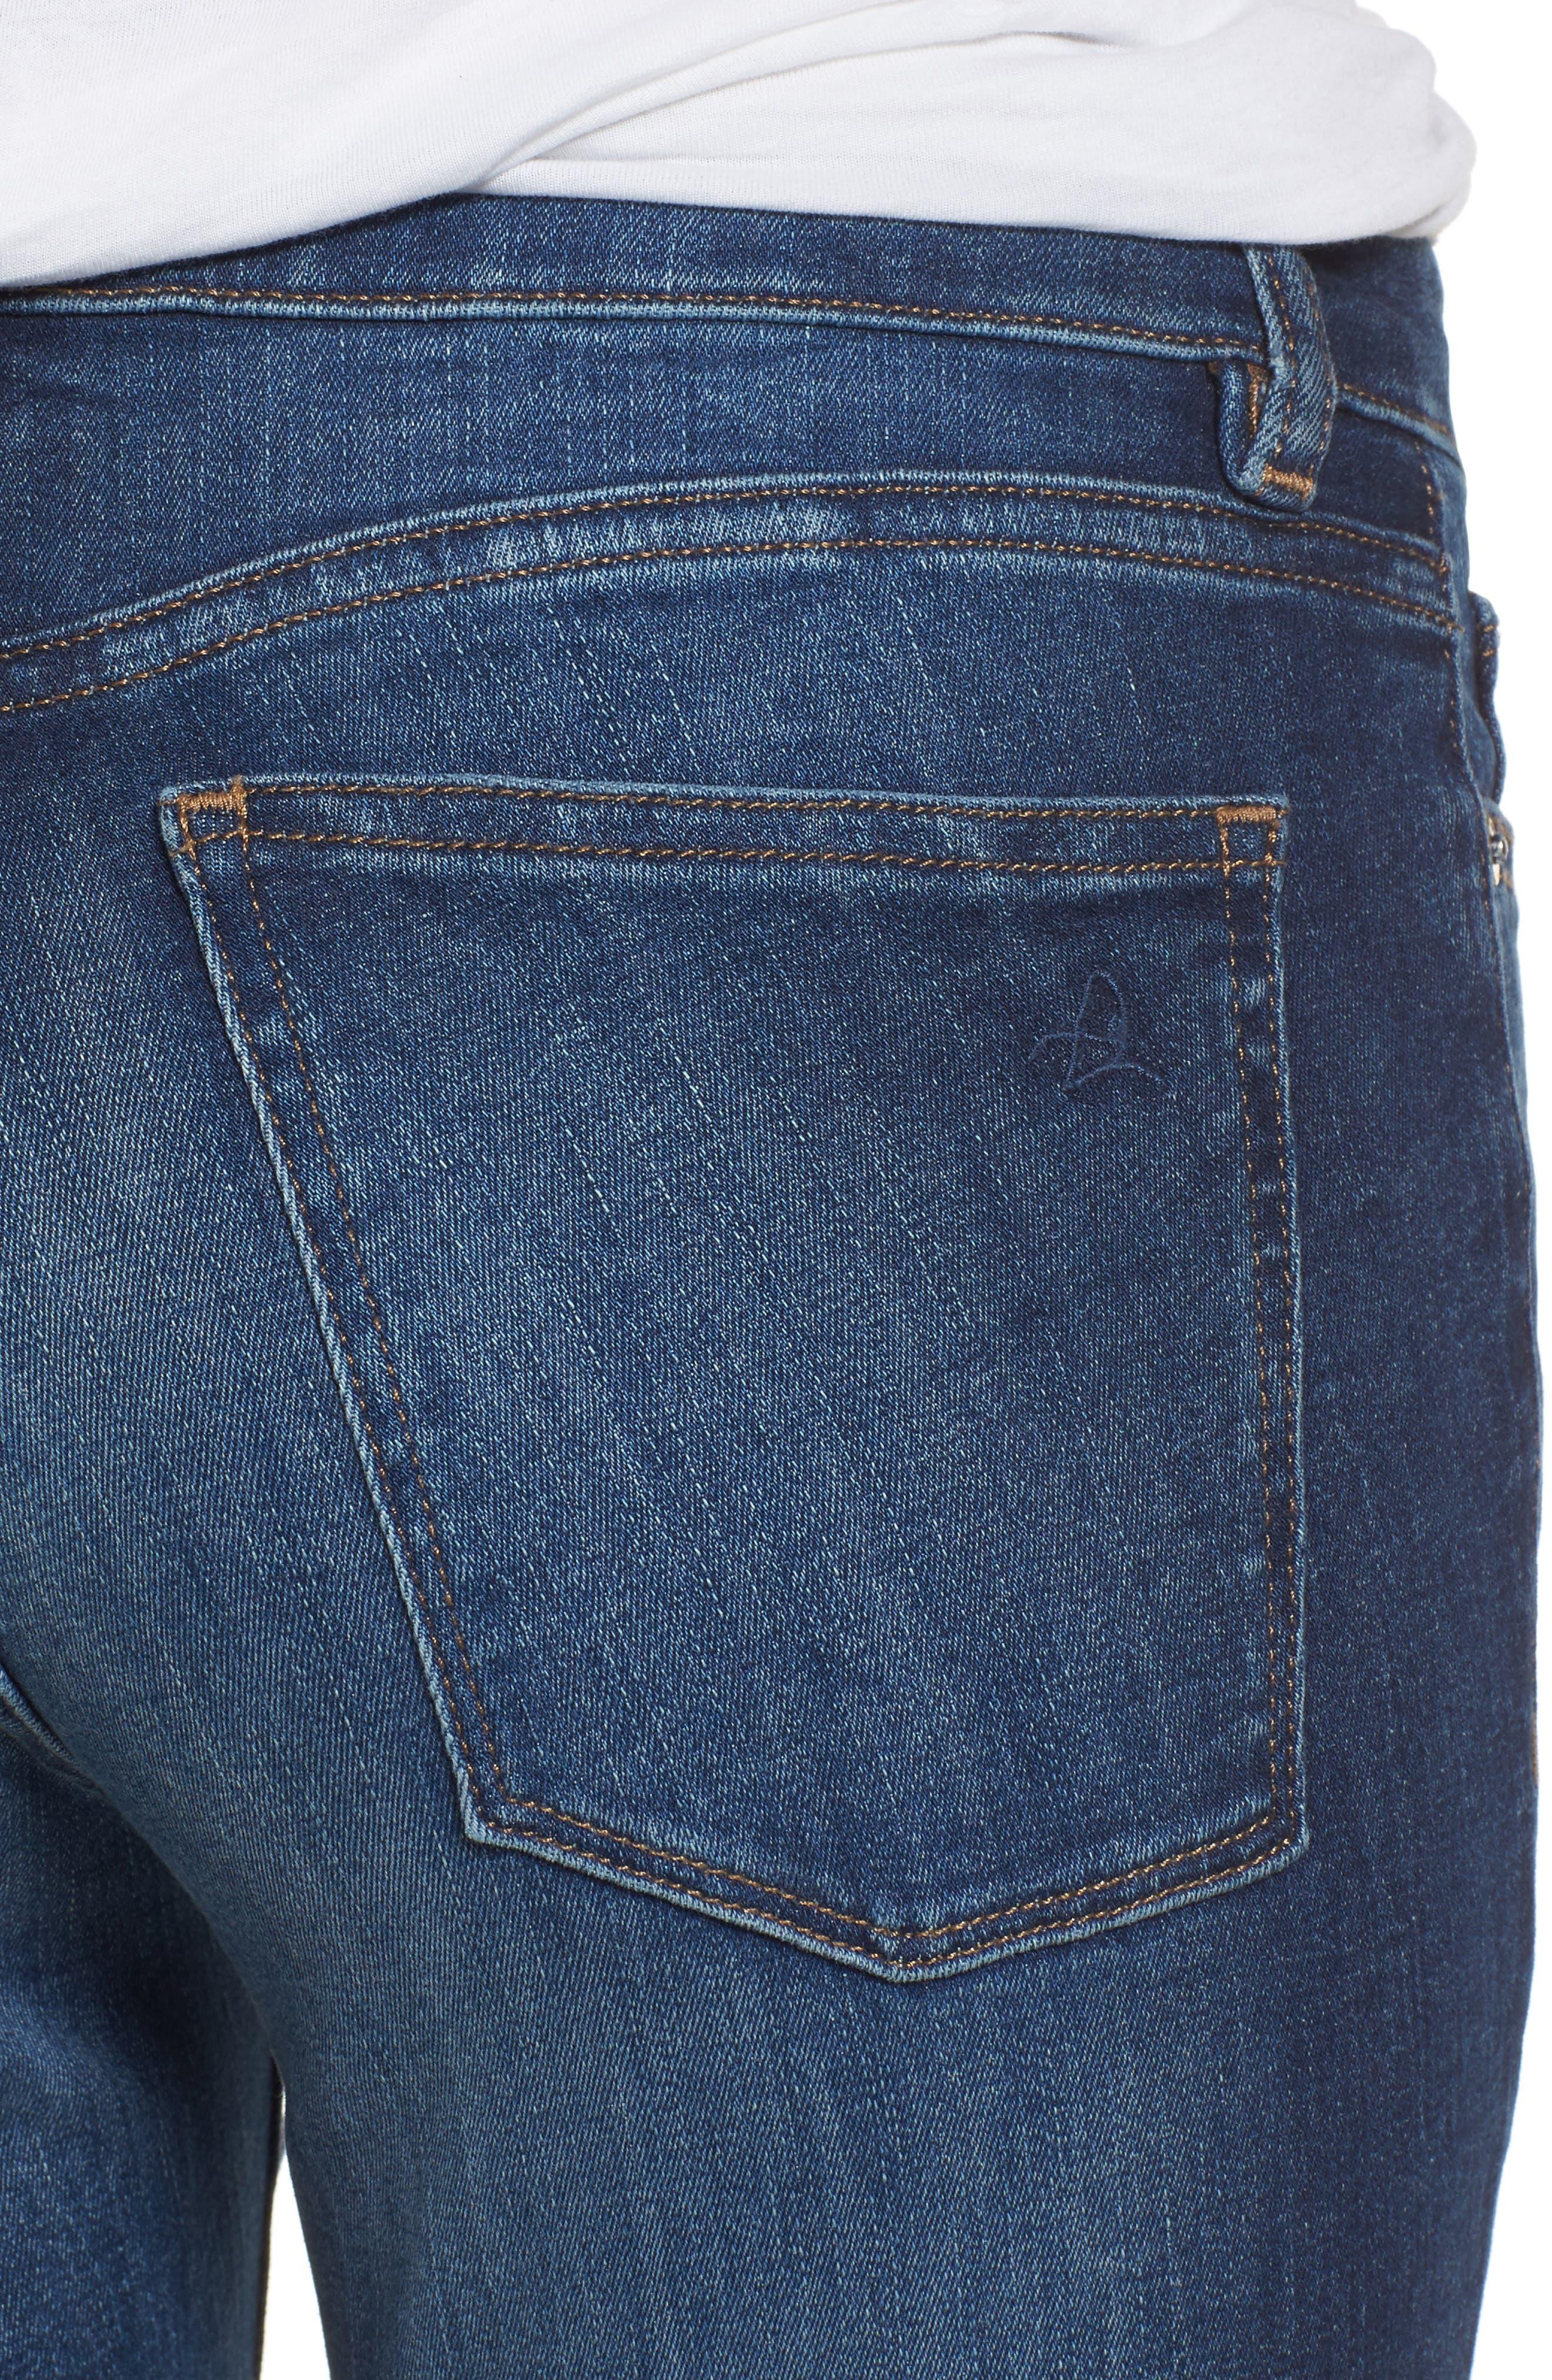 Bridget Instasculpt Bootcut Jeans,                             Alternate thumbnail 4, color,                             405